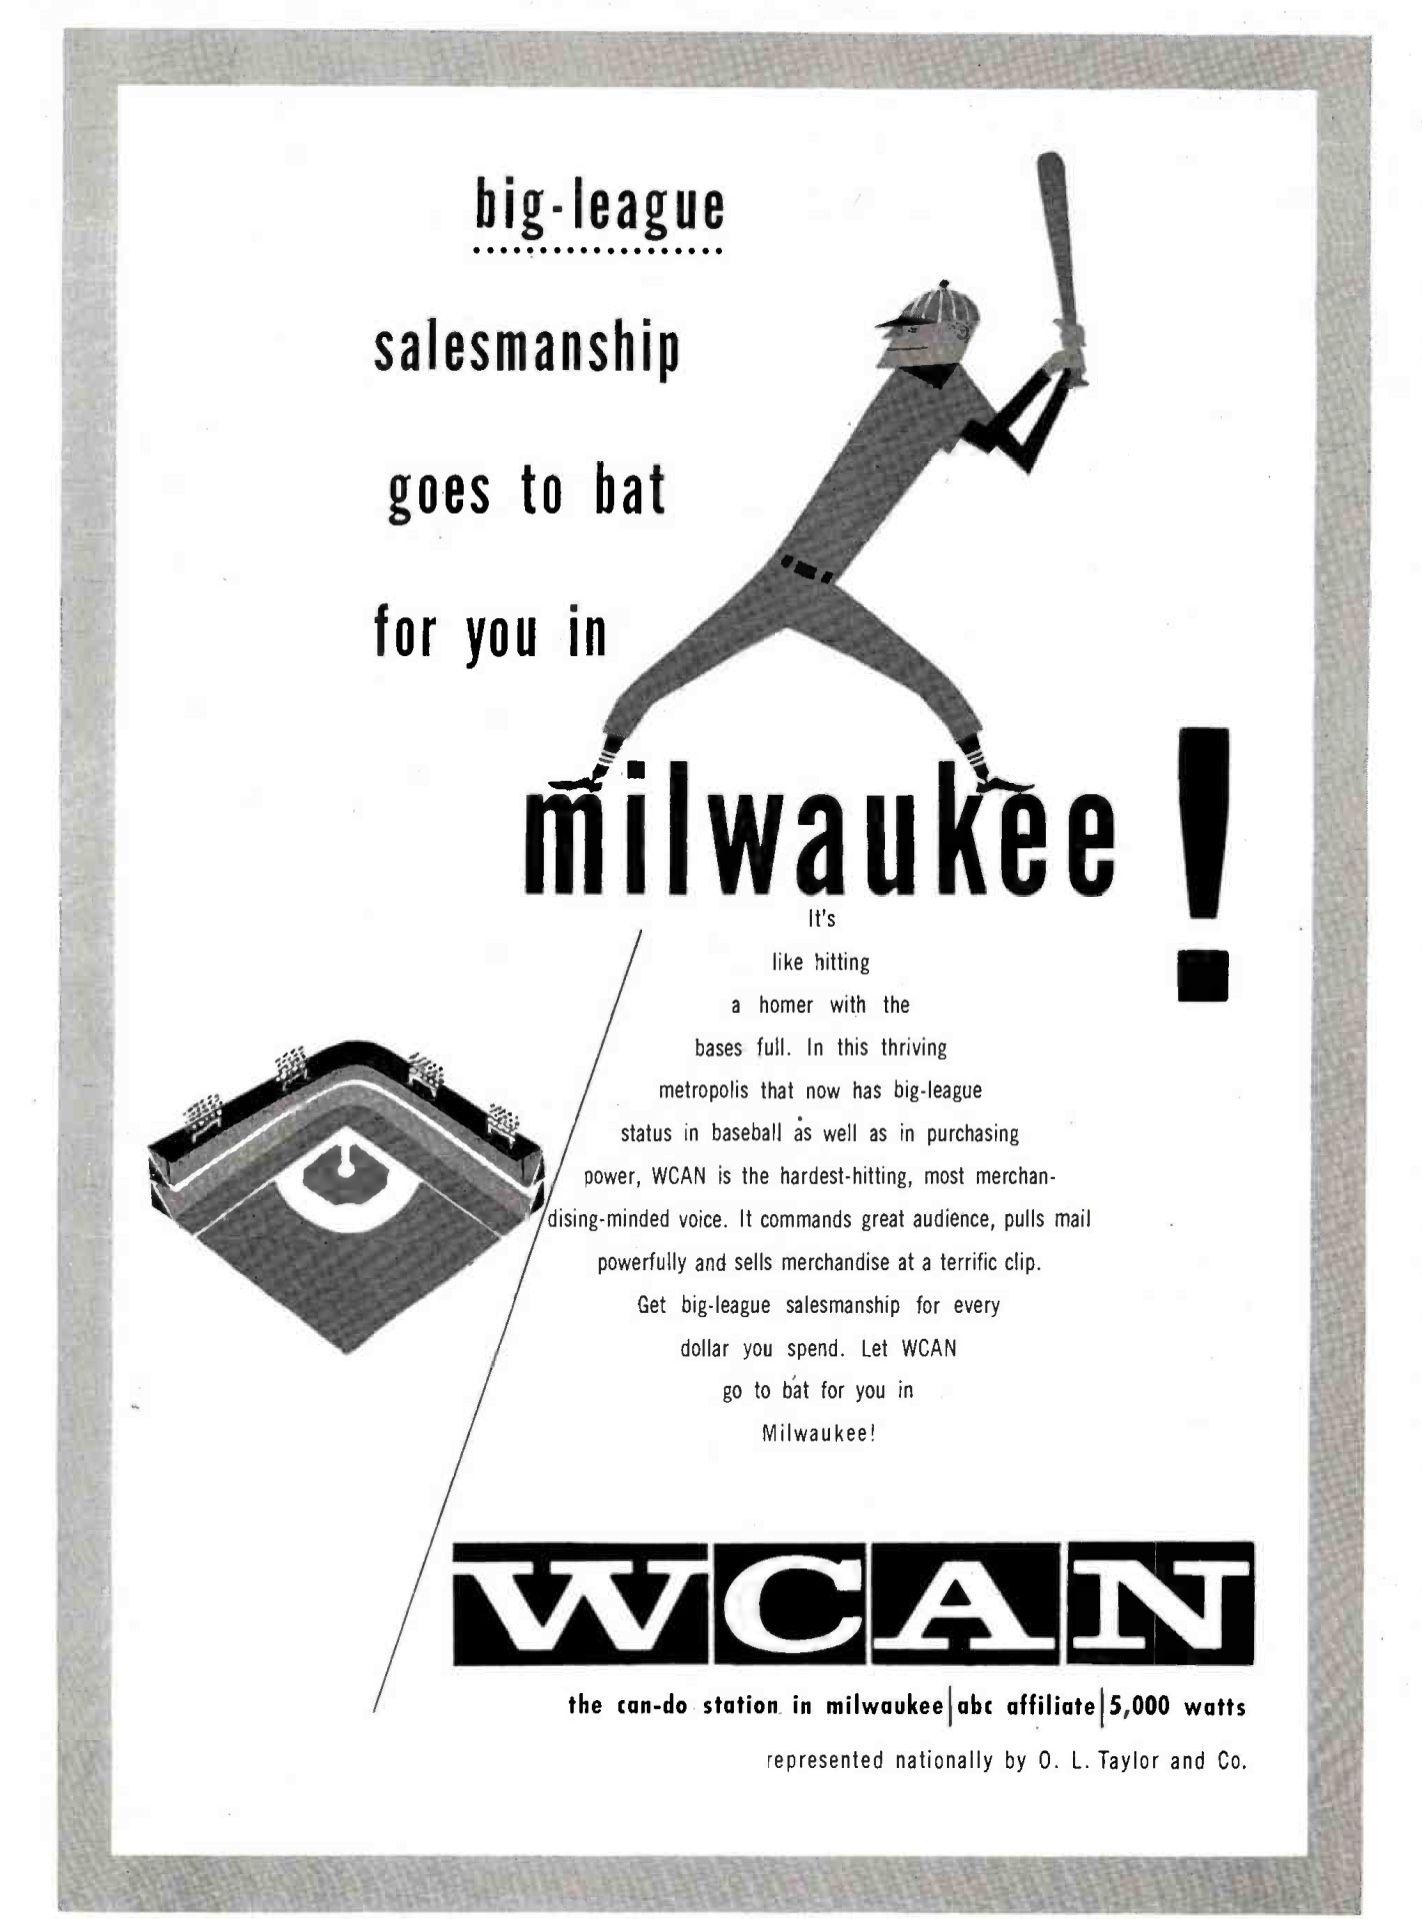 Trade Advert For Milwaukee Braves Baseball Radio Broadcasts Braves Baseball Milwaukee Vintage Baseball